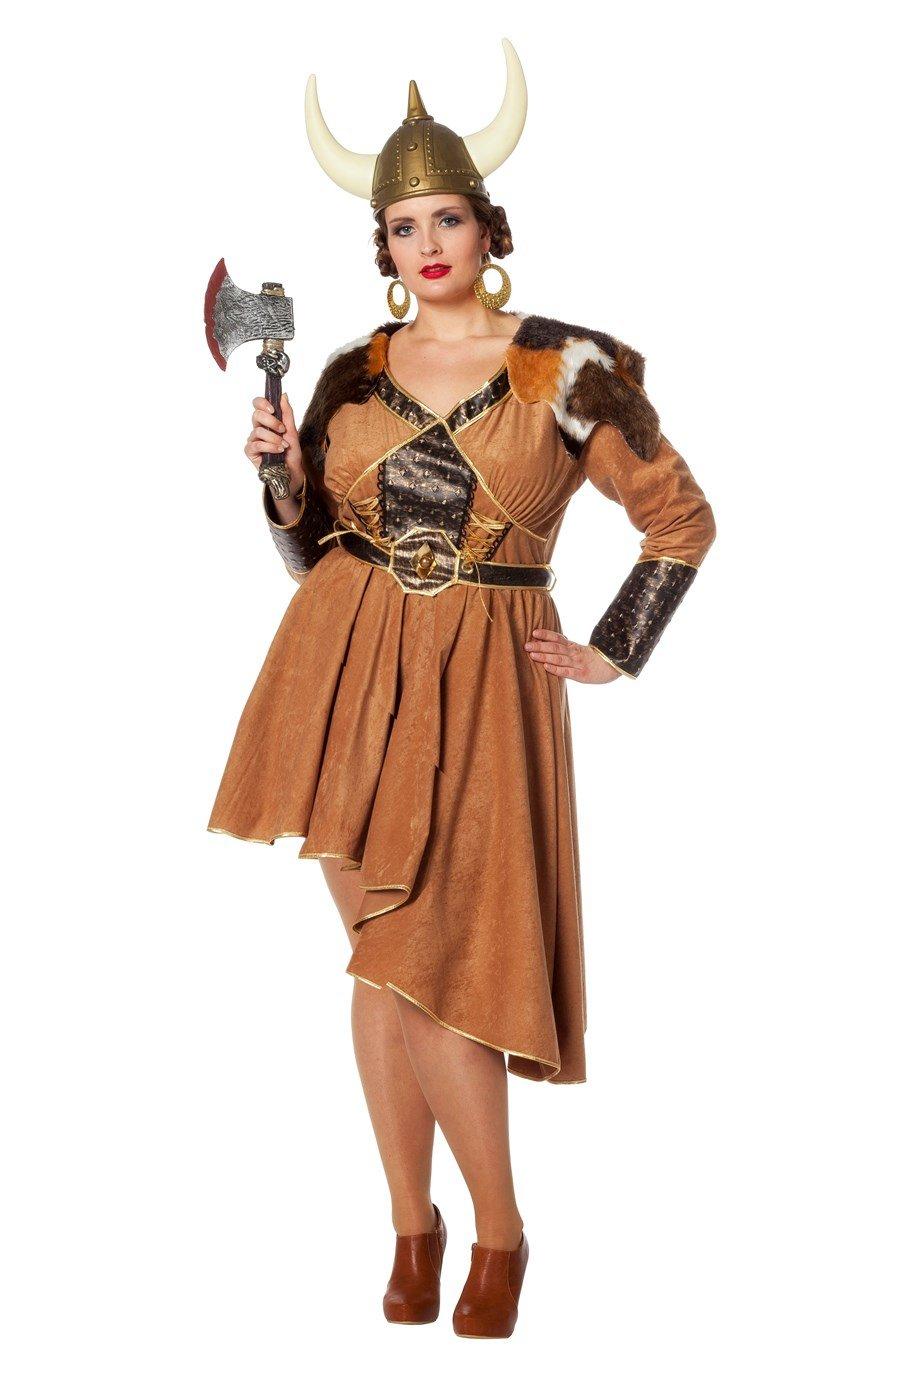 Wilbers 4603 Wikinger Kostüm Damen Vikings Seefahrer Damenkostüm erhältlich auch in großen Größen 52 B018WC39OQ Kostüme für Erwachsene Rabatt  | Die Königin Der Qualität